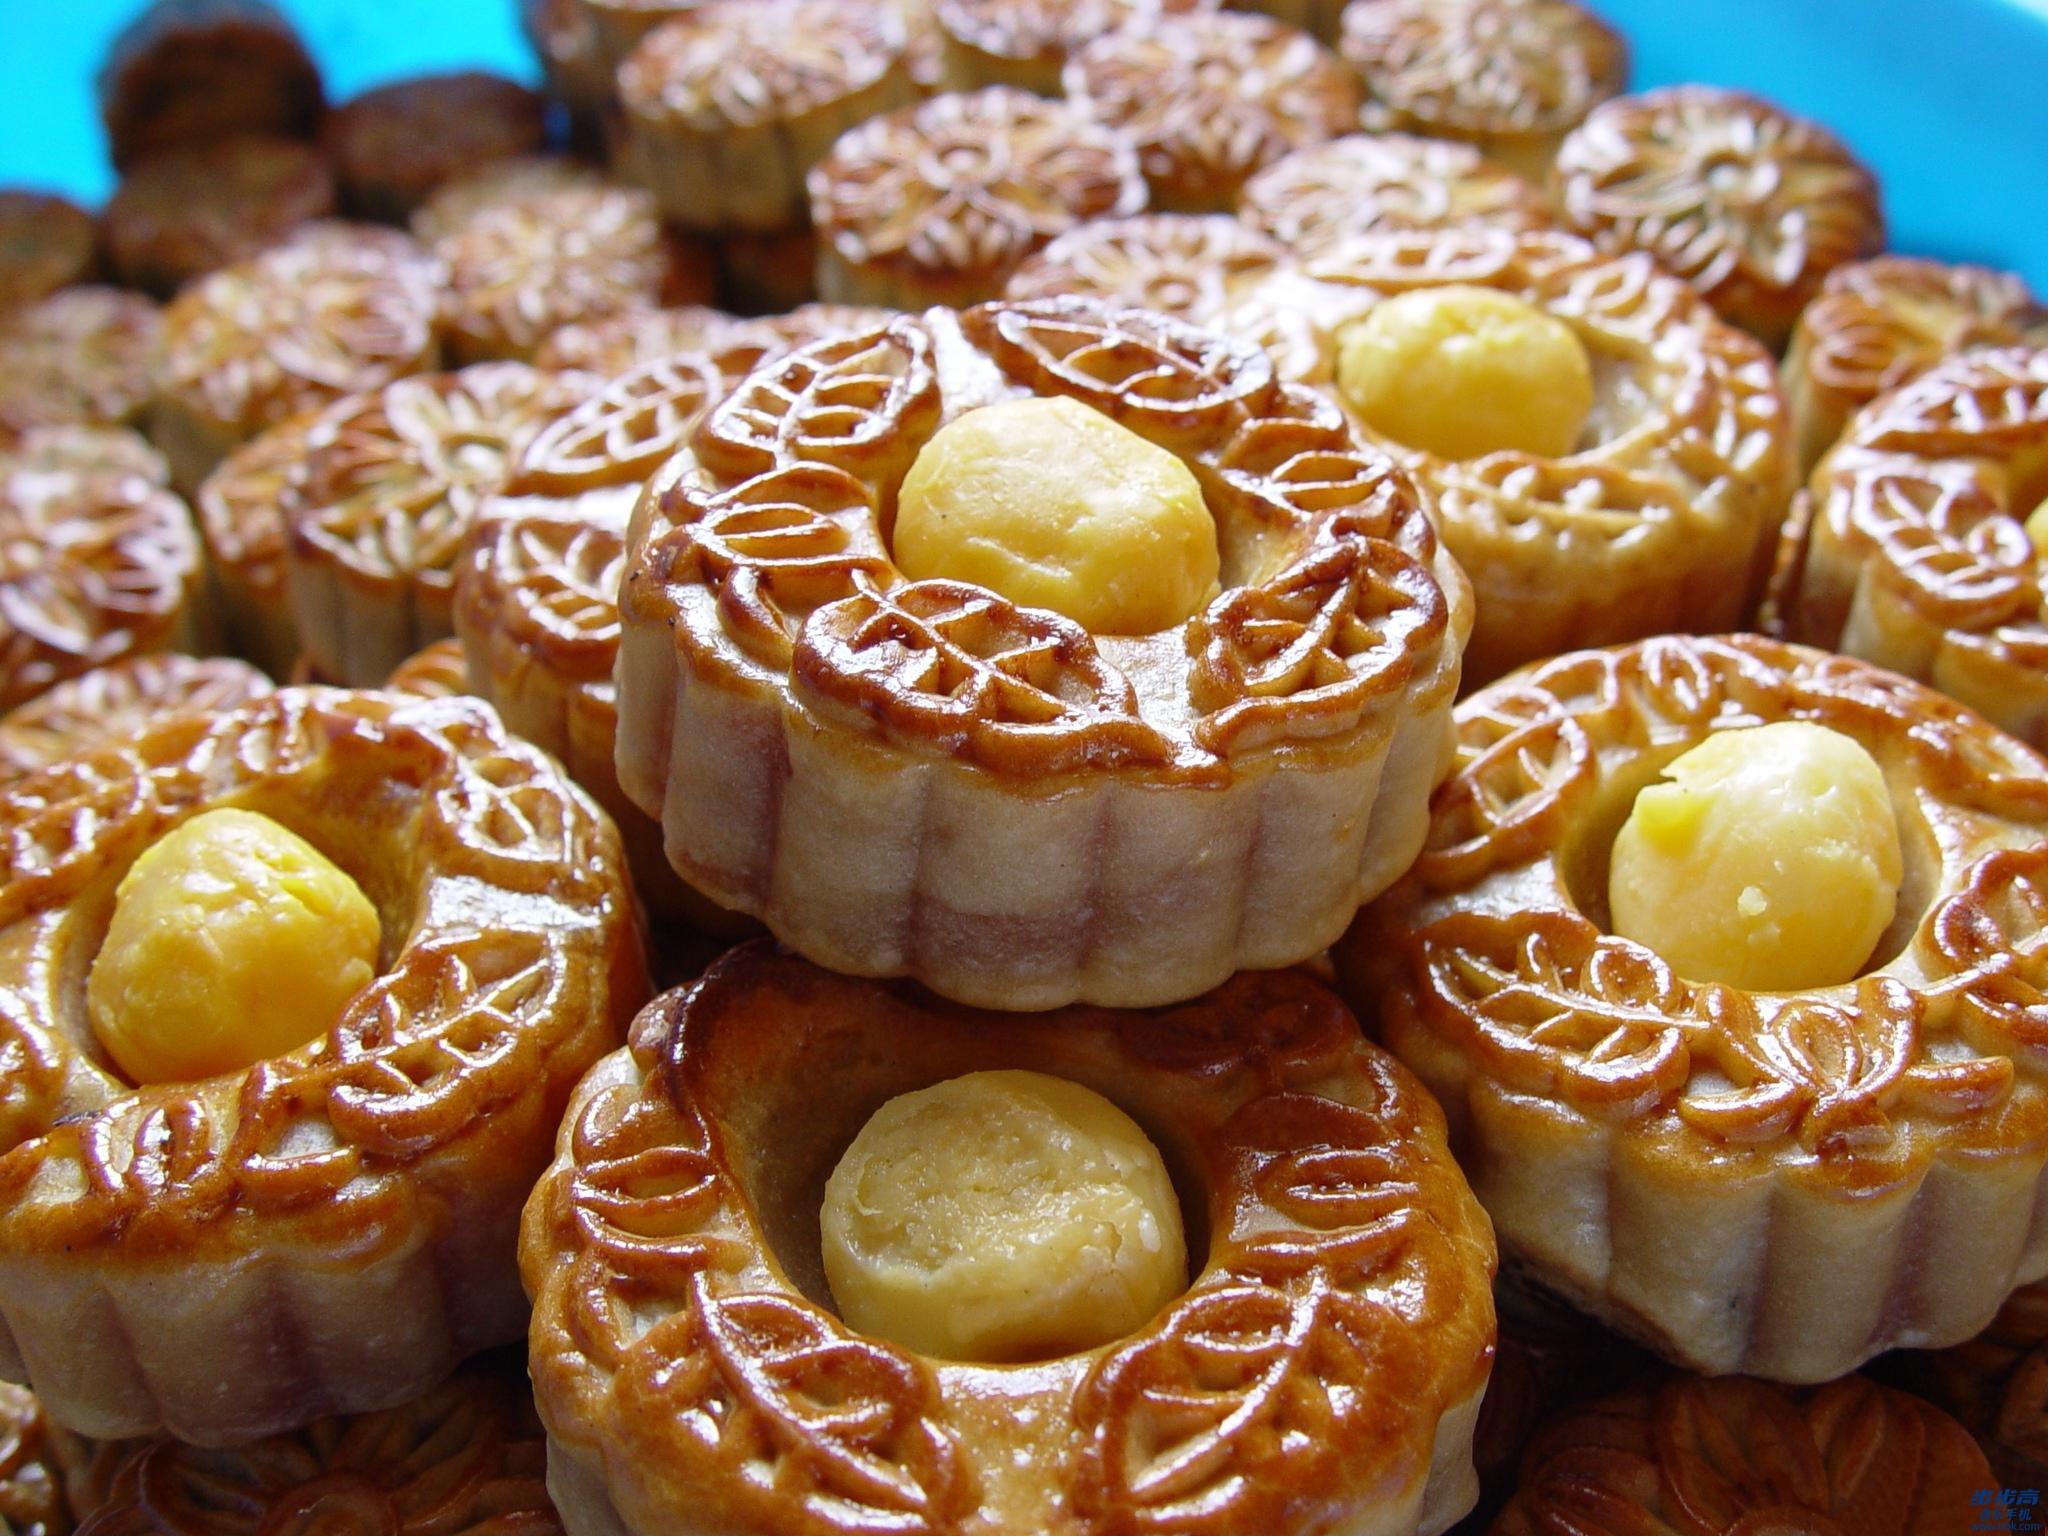 中秋节--关于月饼起源《摘自网络》